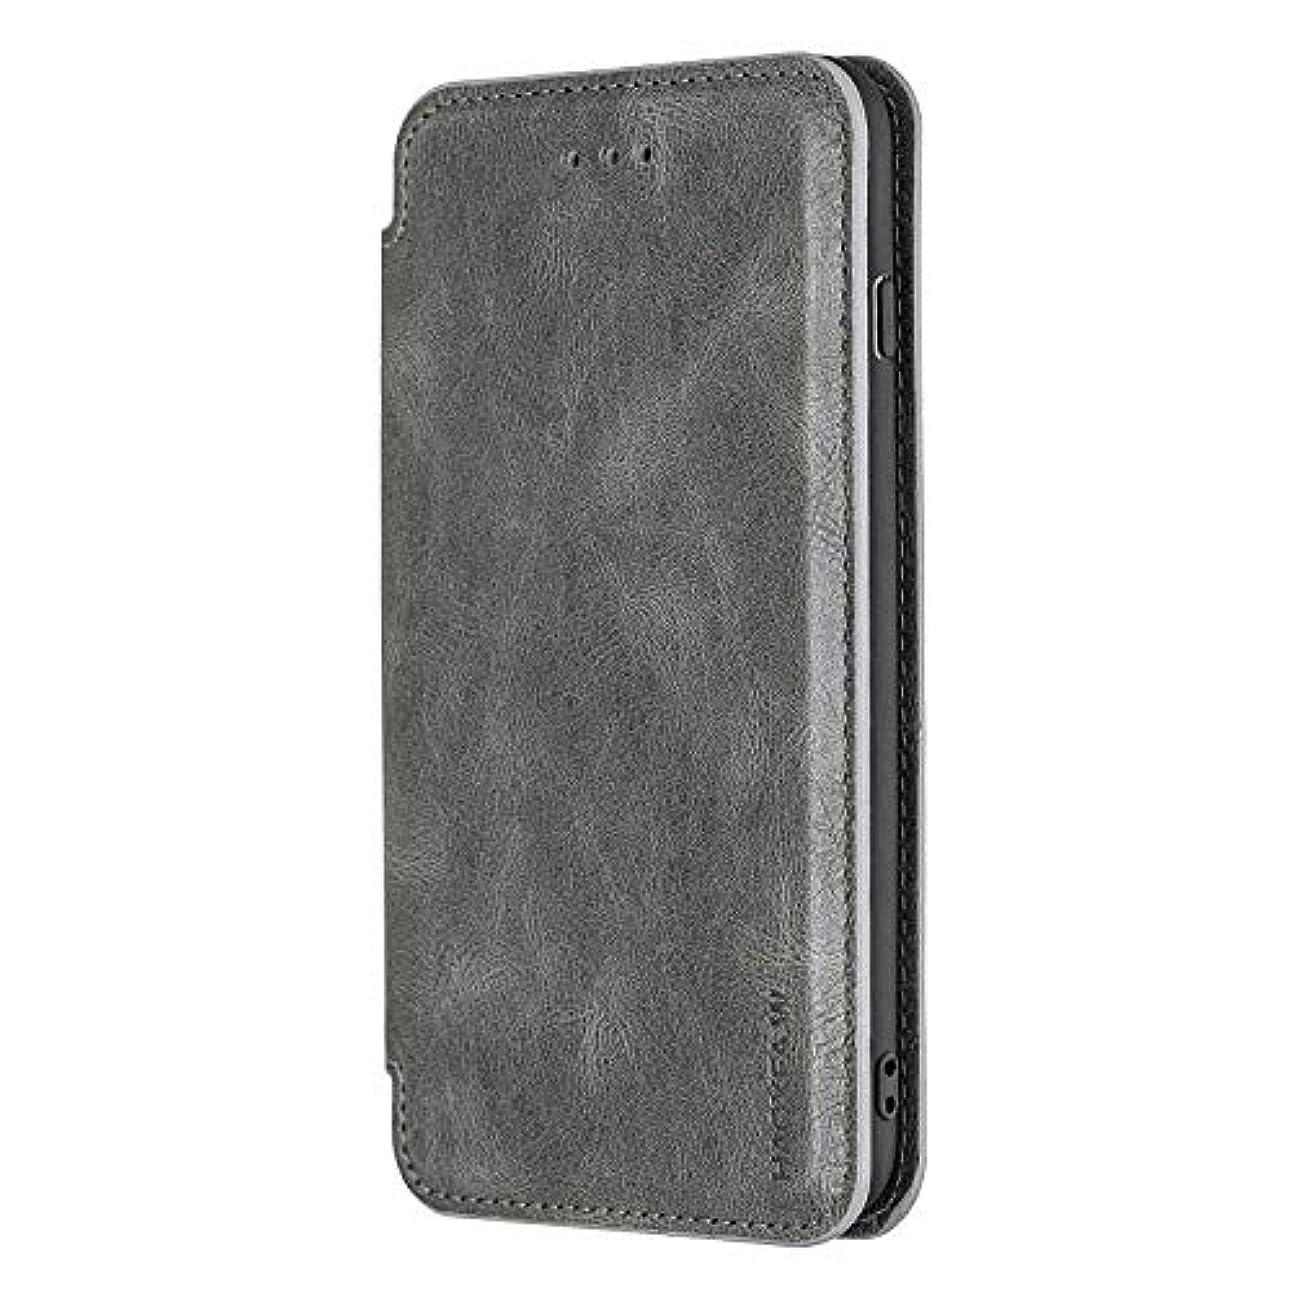 地雷原グラマーシマウマSamsung Galaxy S10 Plus プラス PUレザー ケース, 手帳型 ケース 本革 財布 ポーチケース 全面保護 ビジネス カバー収納 手帳型ケース Samsung Galaxy サムスン ギャラクシー S10 Plus プラス レザーケース